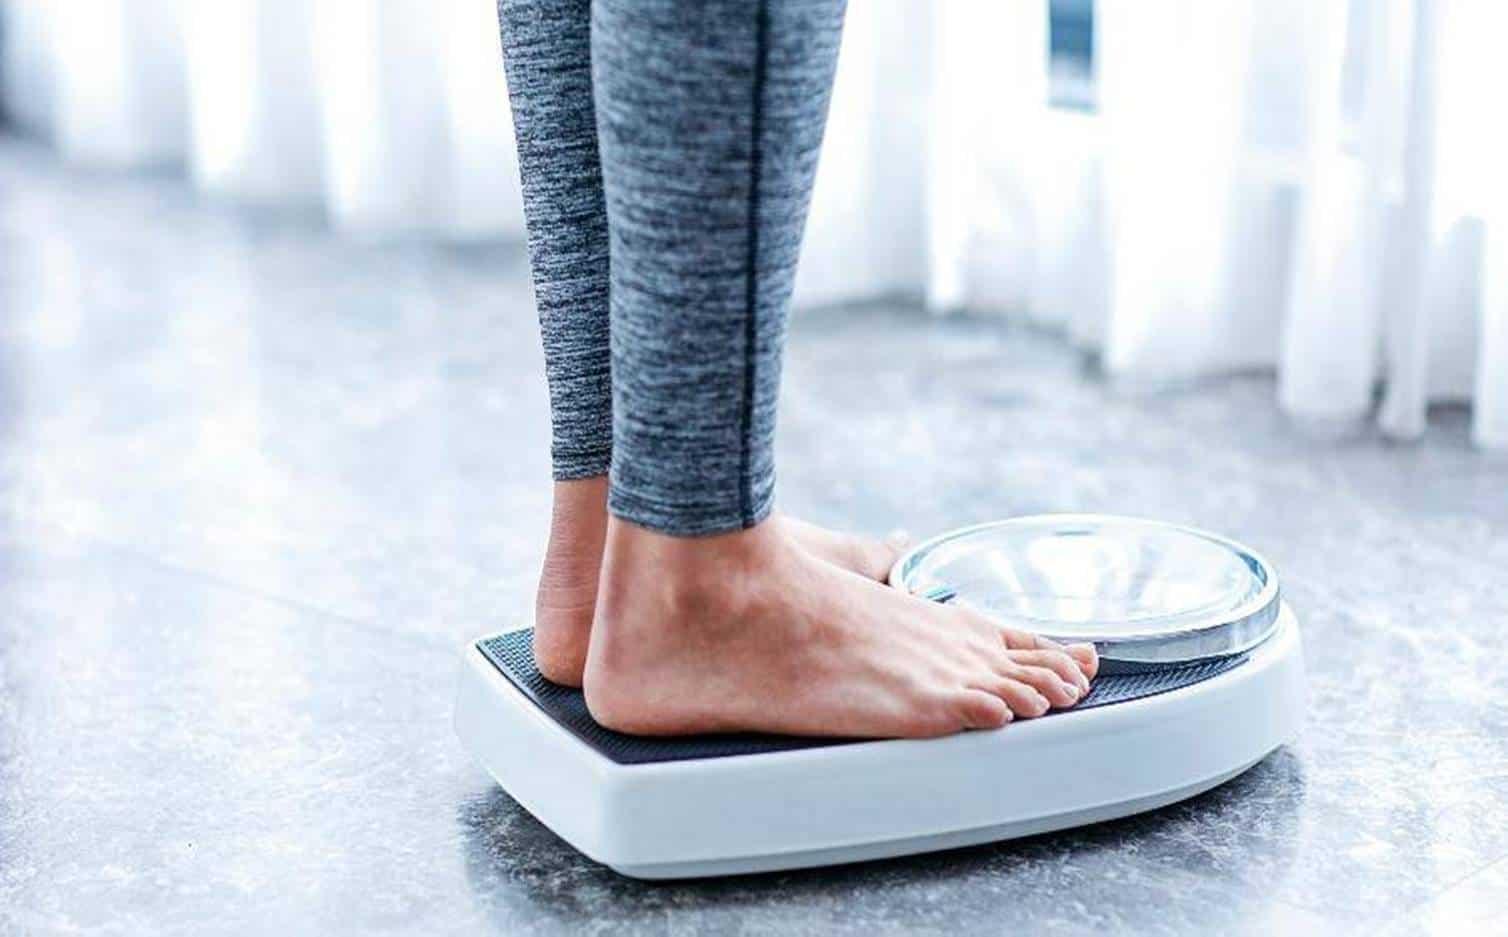 Cansada de fazer dieta? Confira 3 regras simples para emagrecer rápido